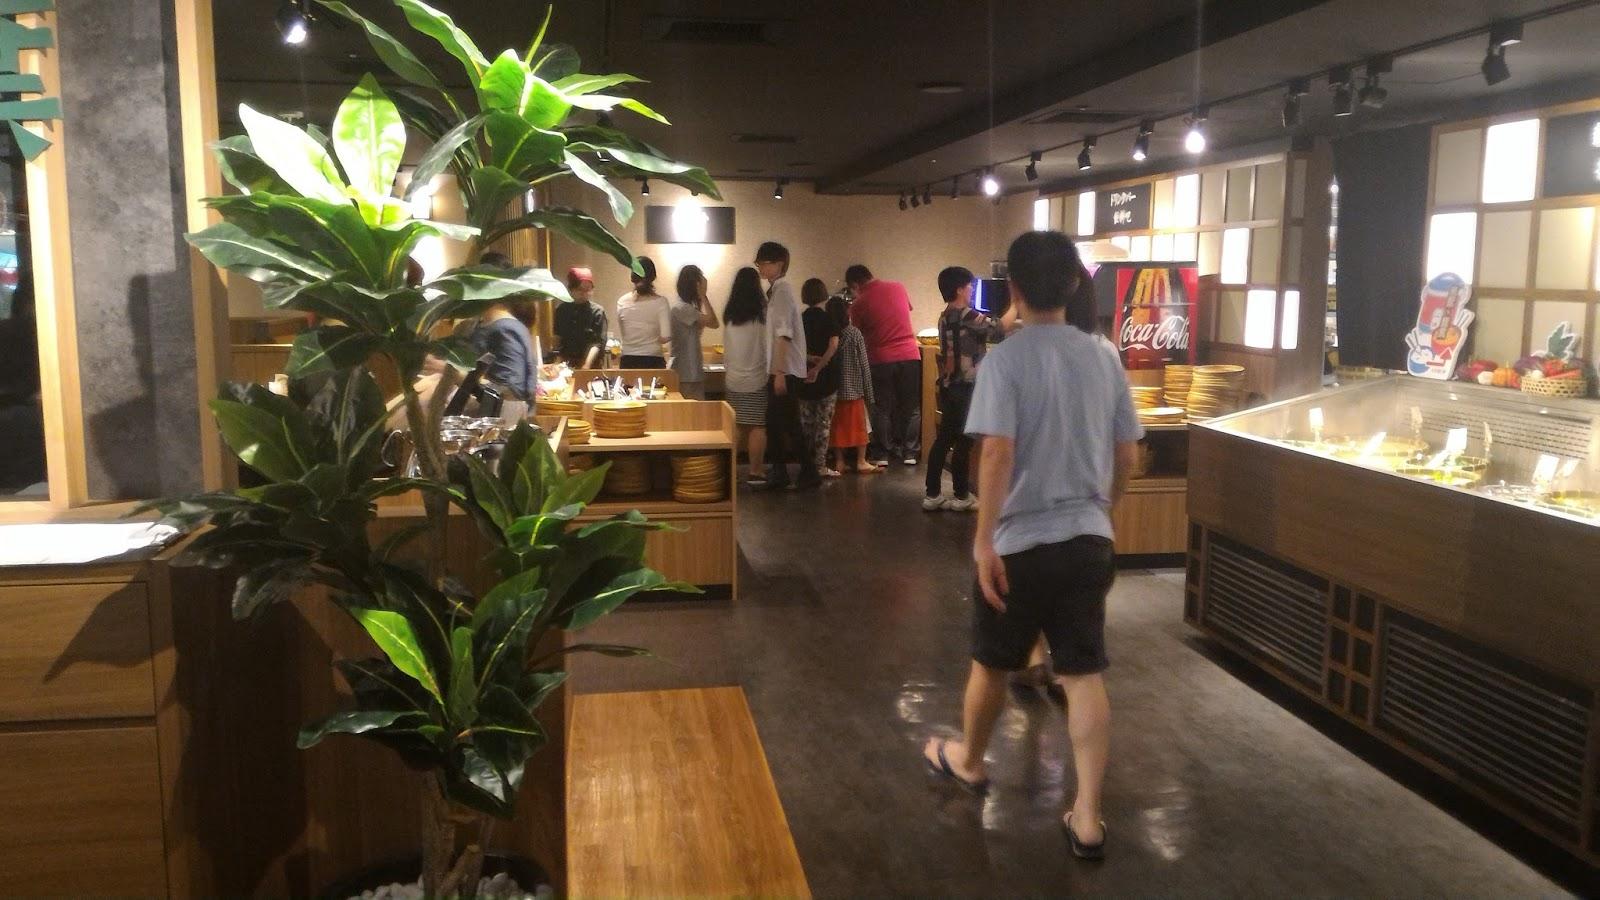 P 20161016 202859 - 【台南東區】涮乃葉吃到飽日式涮涮鍋 - 新鮮蔬菜與手工拉麵,還有超濃郁的霜淇淋!